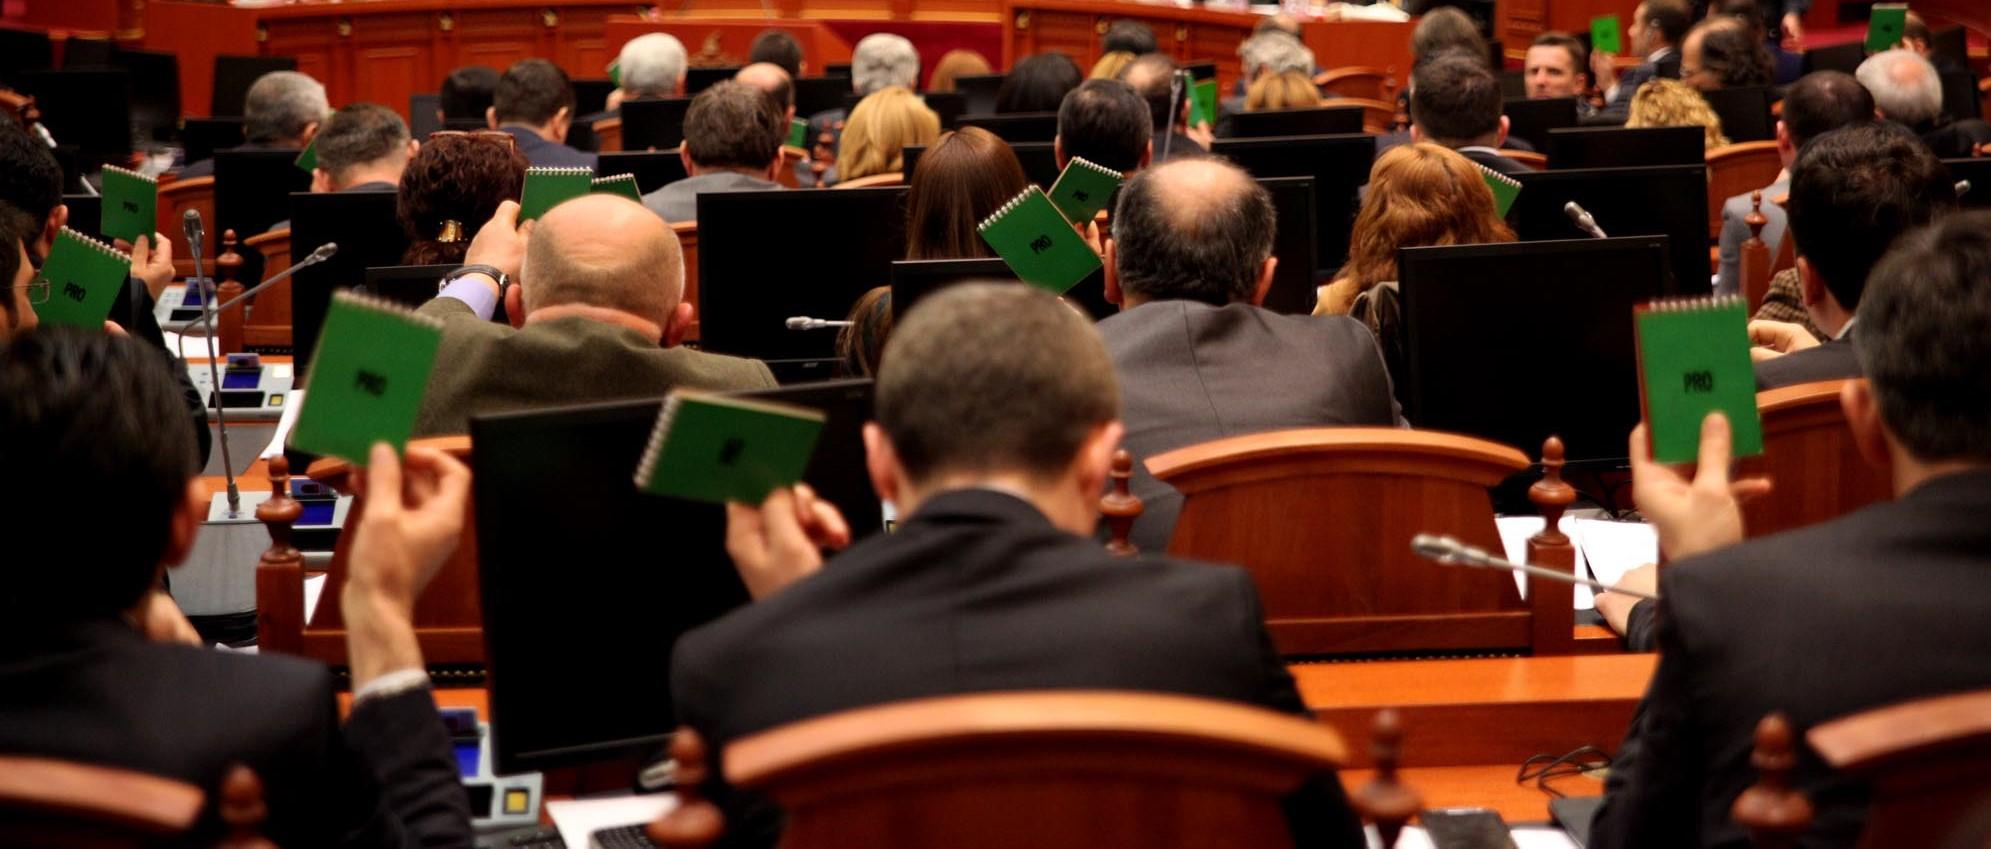 Prag elektoral kombëtar: i ndihmon apo jo partitë e vogla